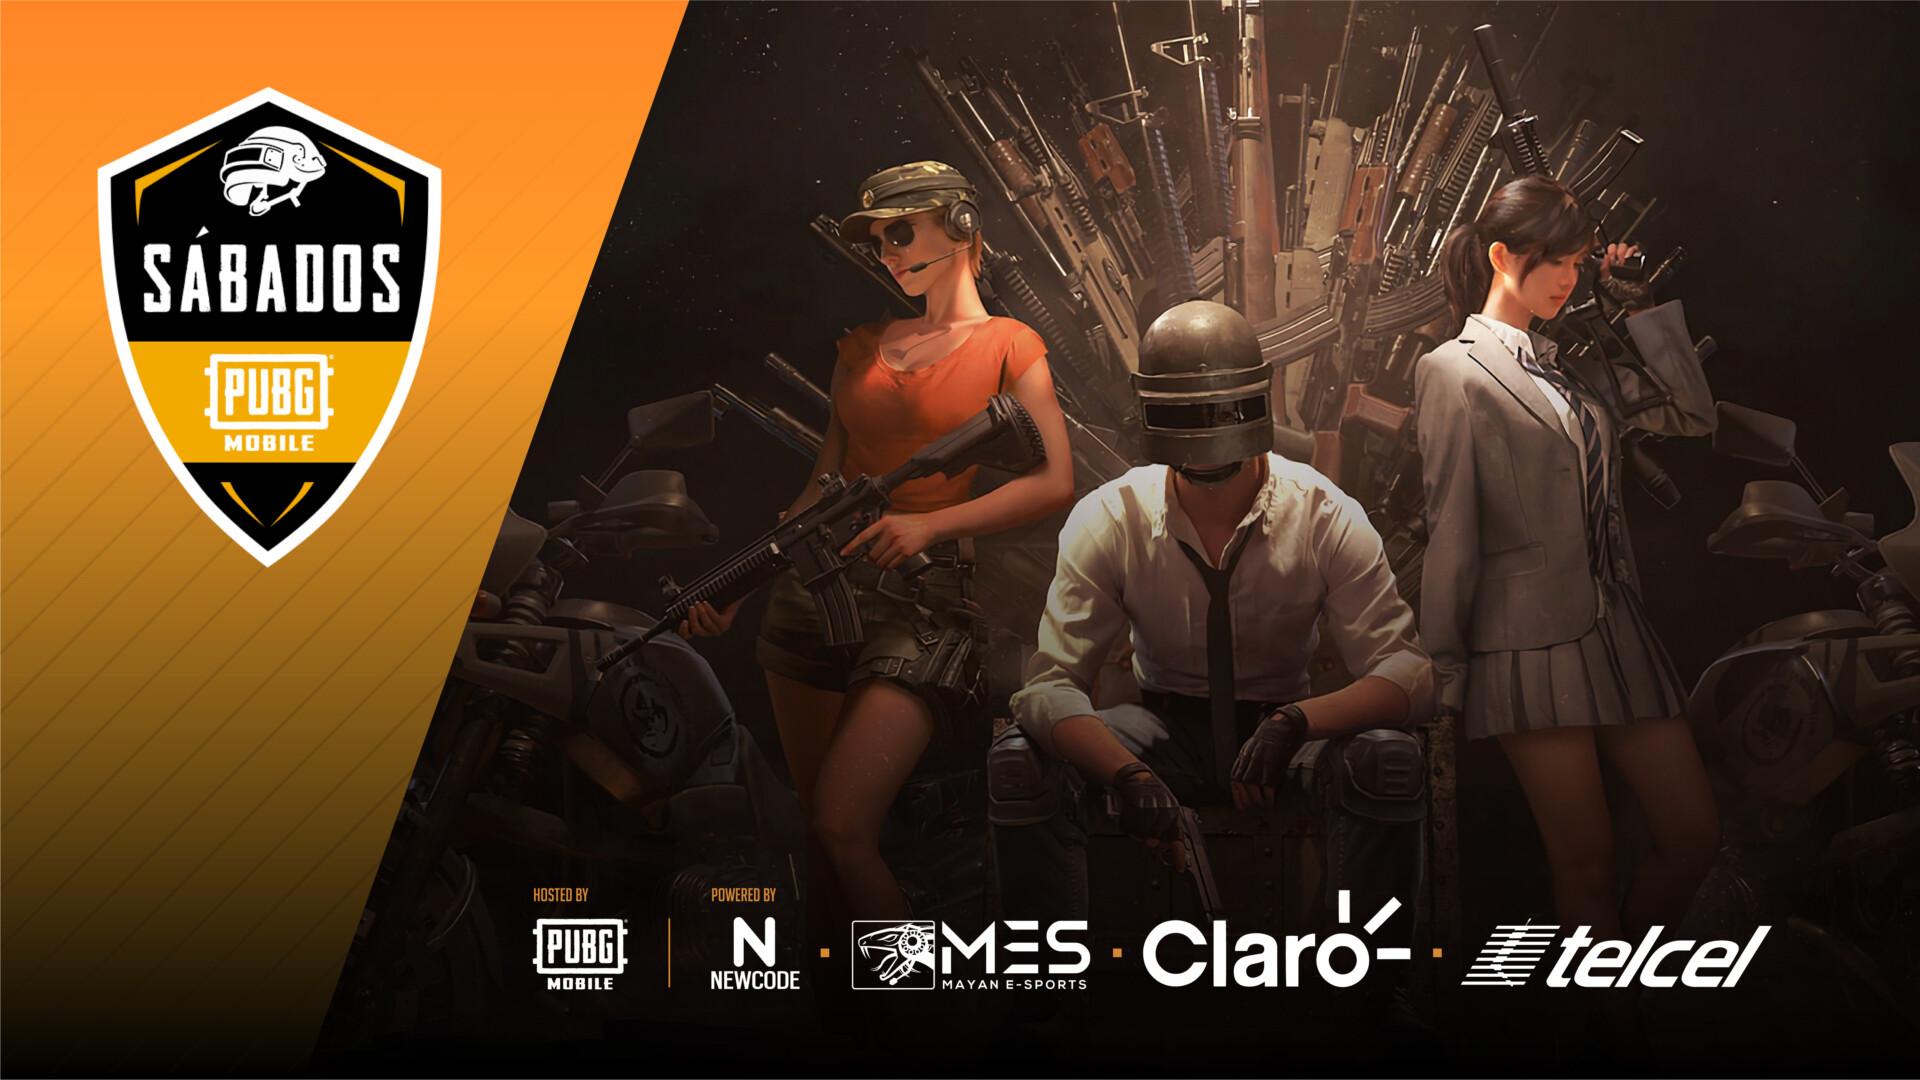 """Cómo es """"Sábados"""", el nuevo torneo de PUBG Mobile que llega a Brasil y LATAM"""